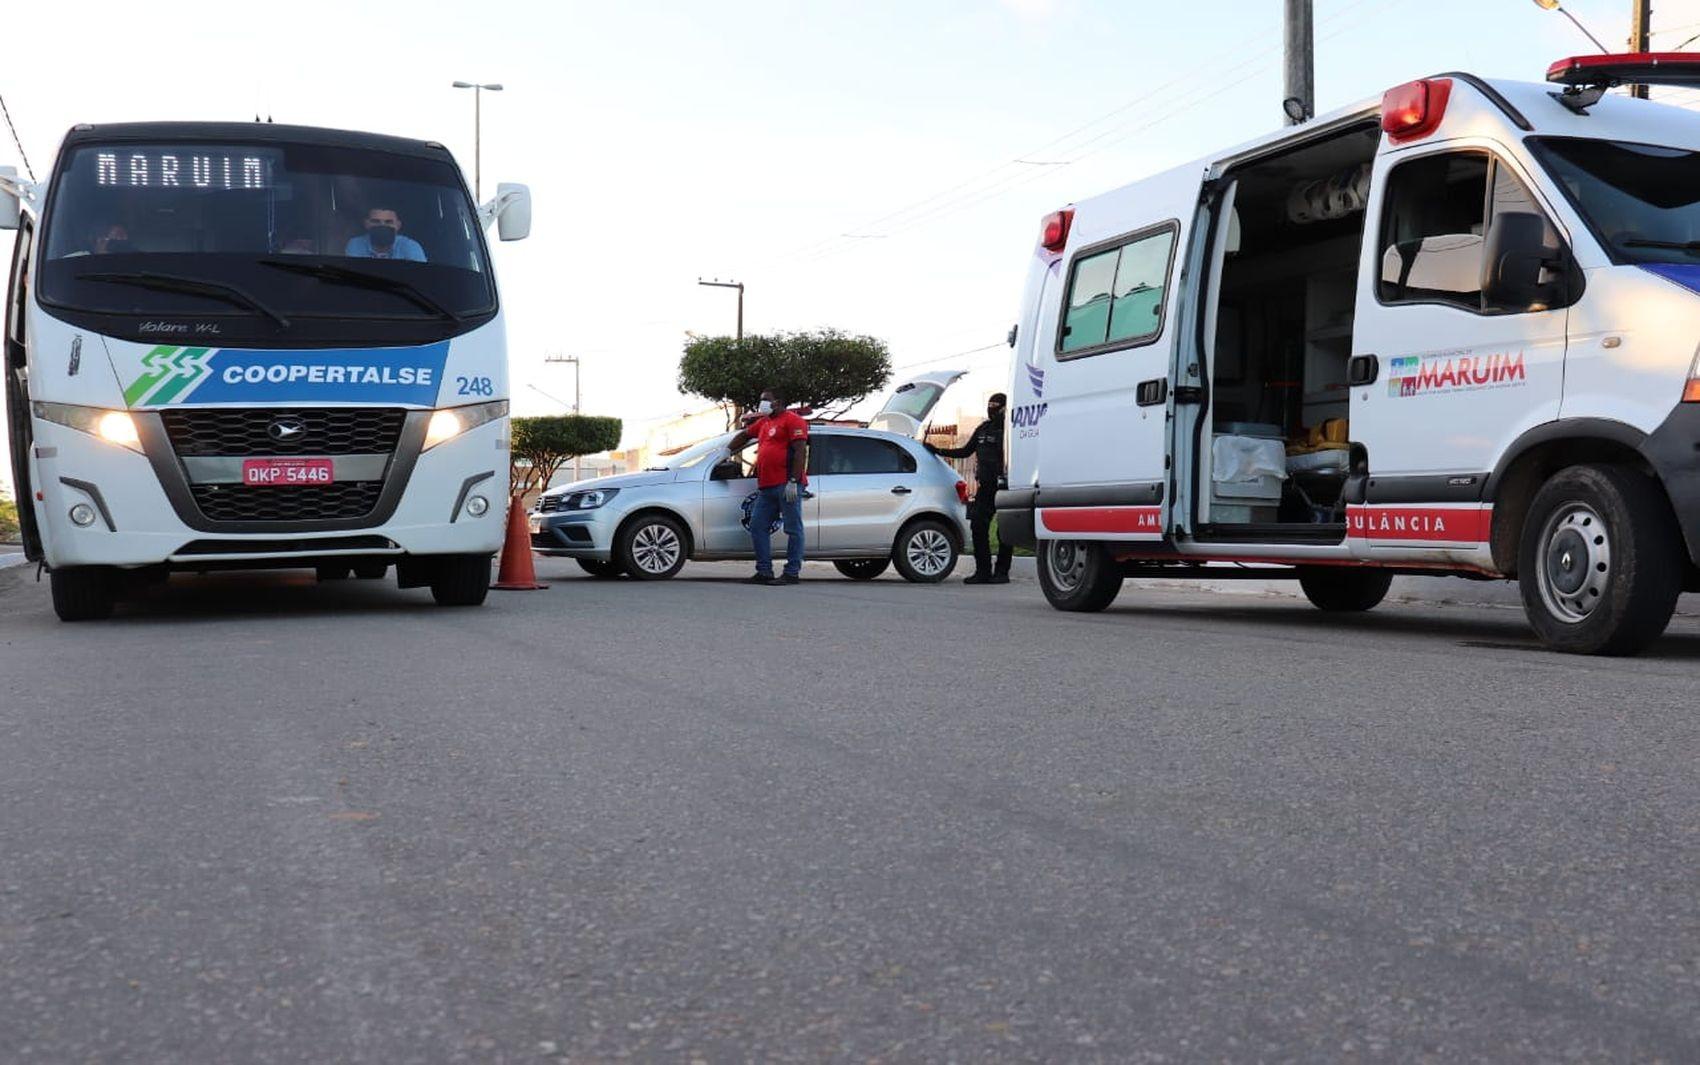 Prefeitura de Maruim determina toque de recolher para conter a propagação do novo coronavírus